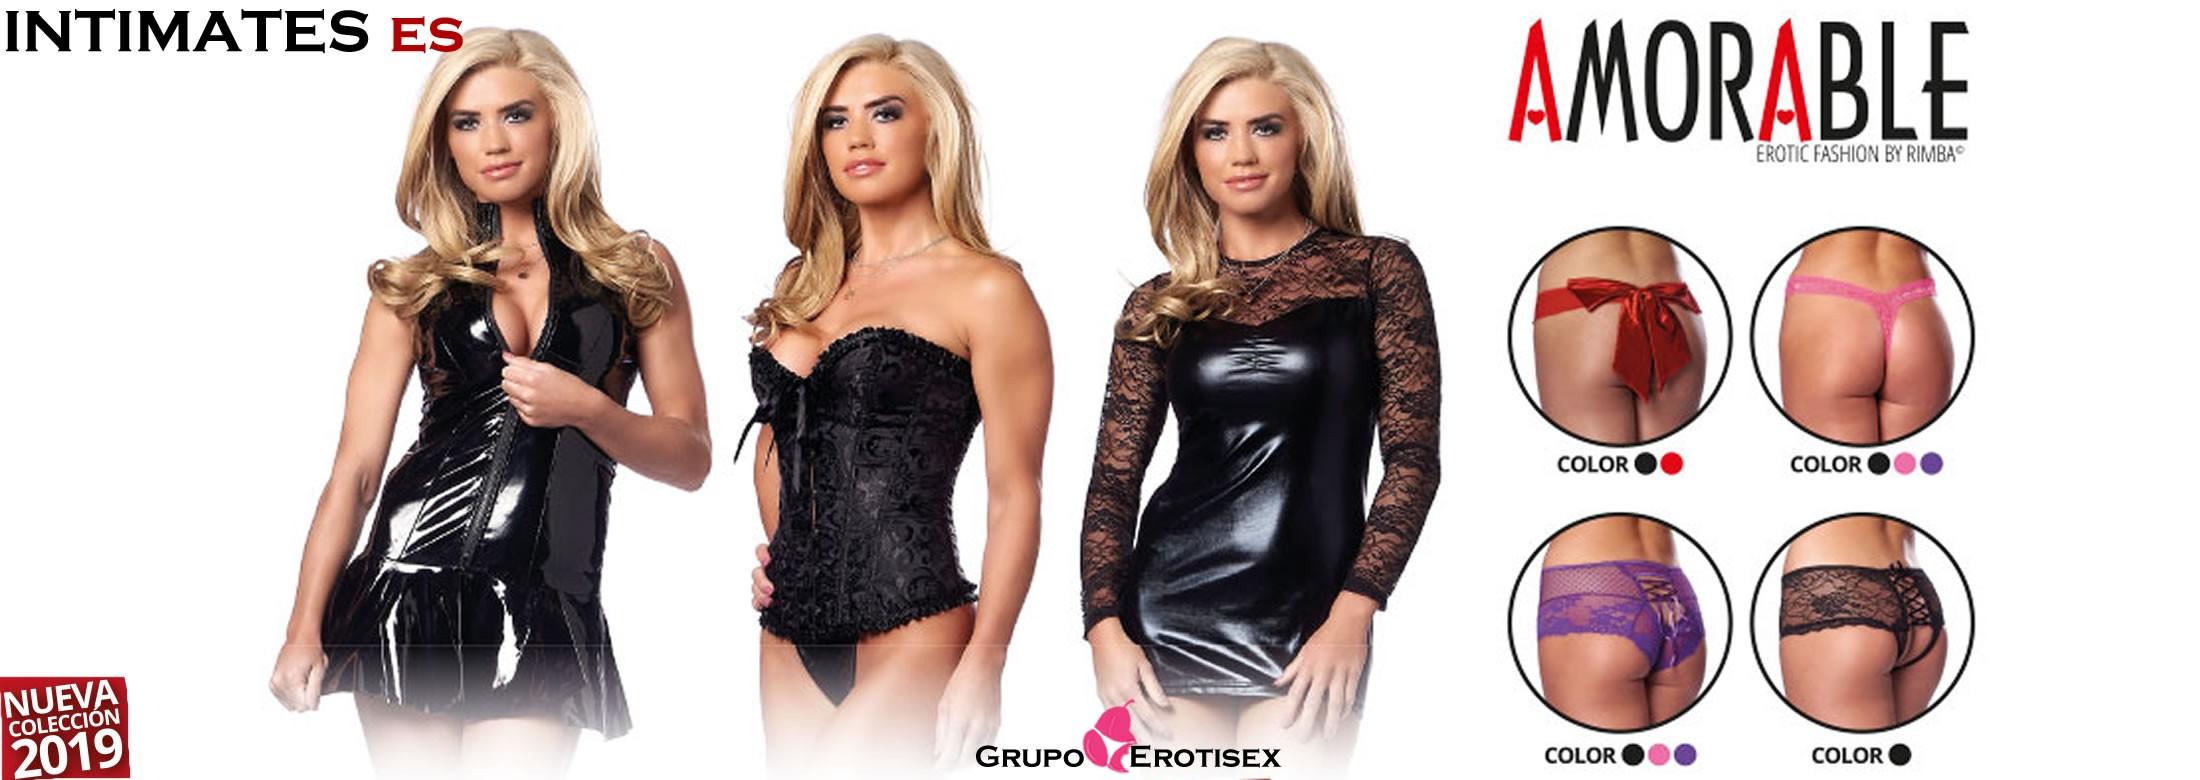 La marca Amorable apuesta por la calidad y  solo está disponible en las mejores tiendas Eróticas del mundo como intimates.es